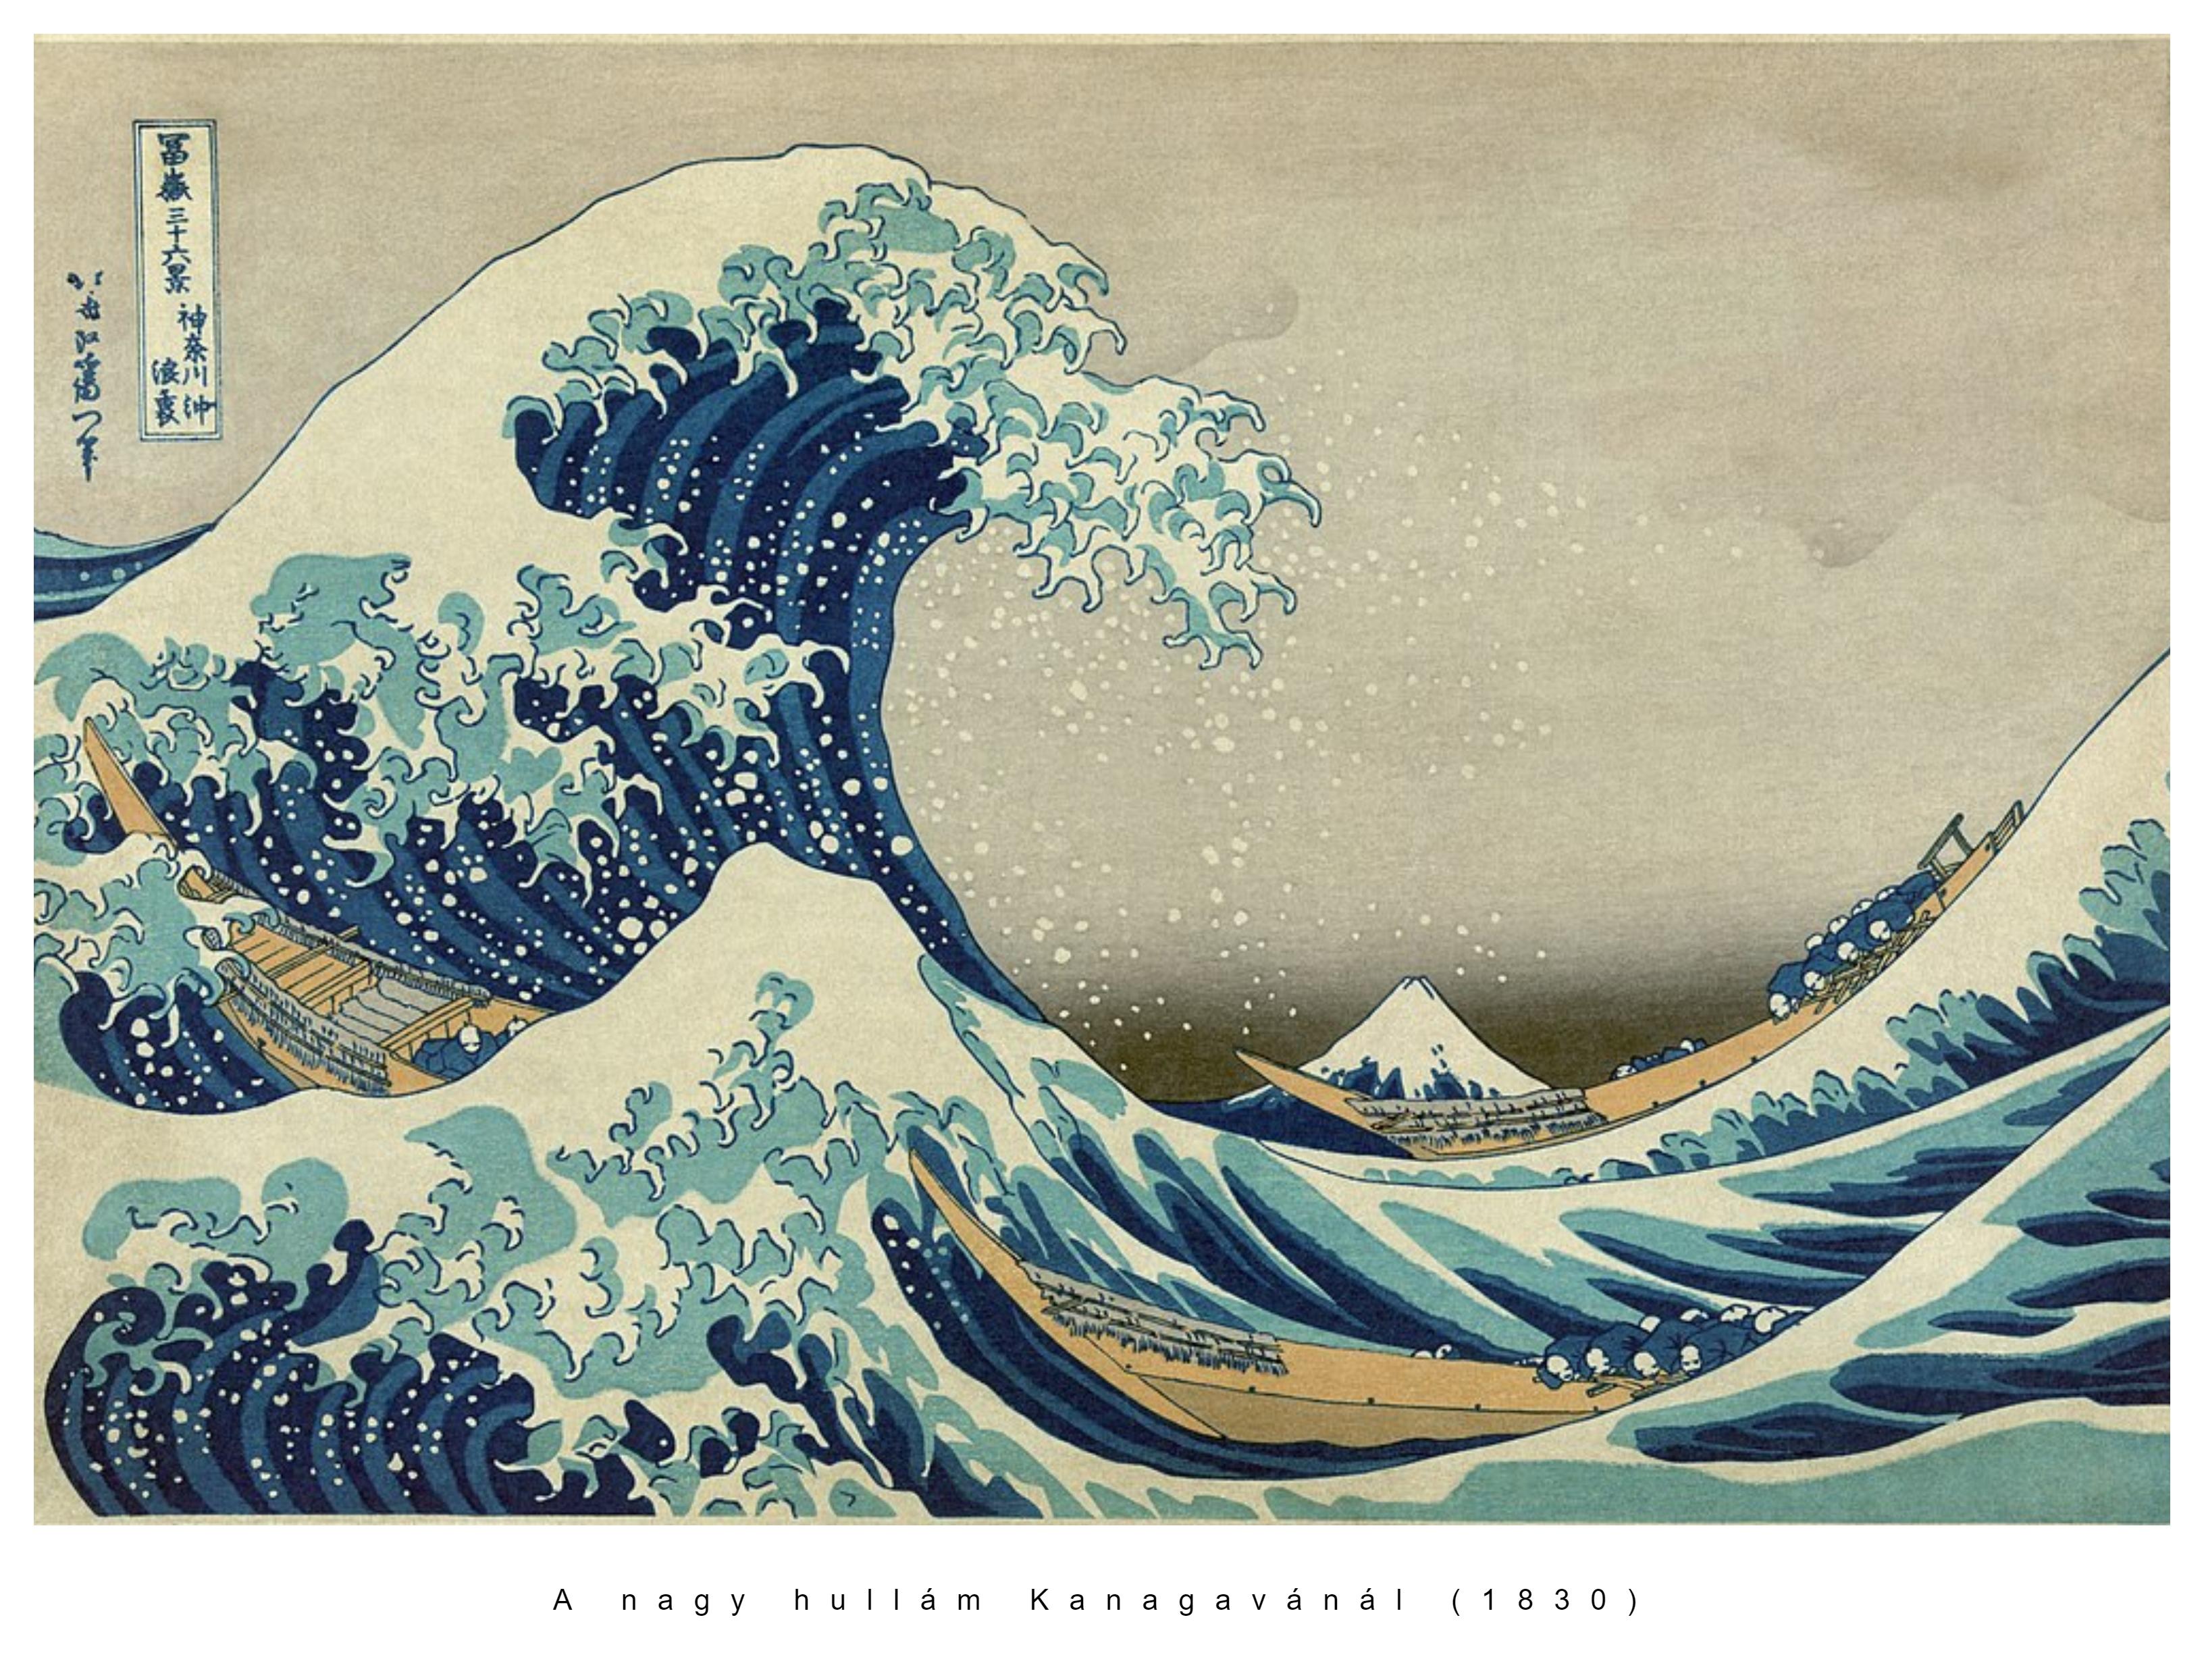 hokusai_kanagava_2.jpg